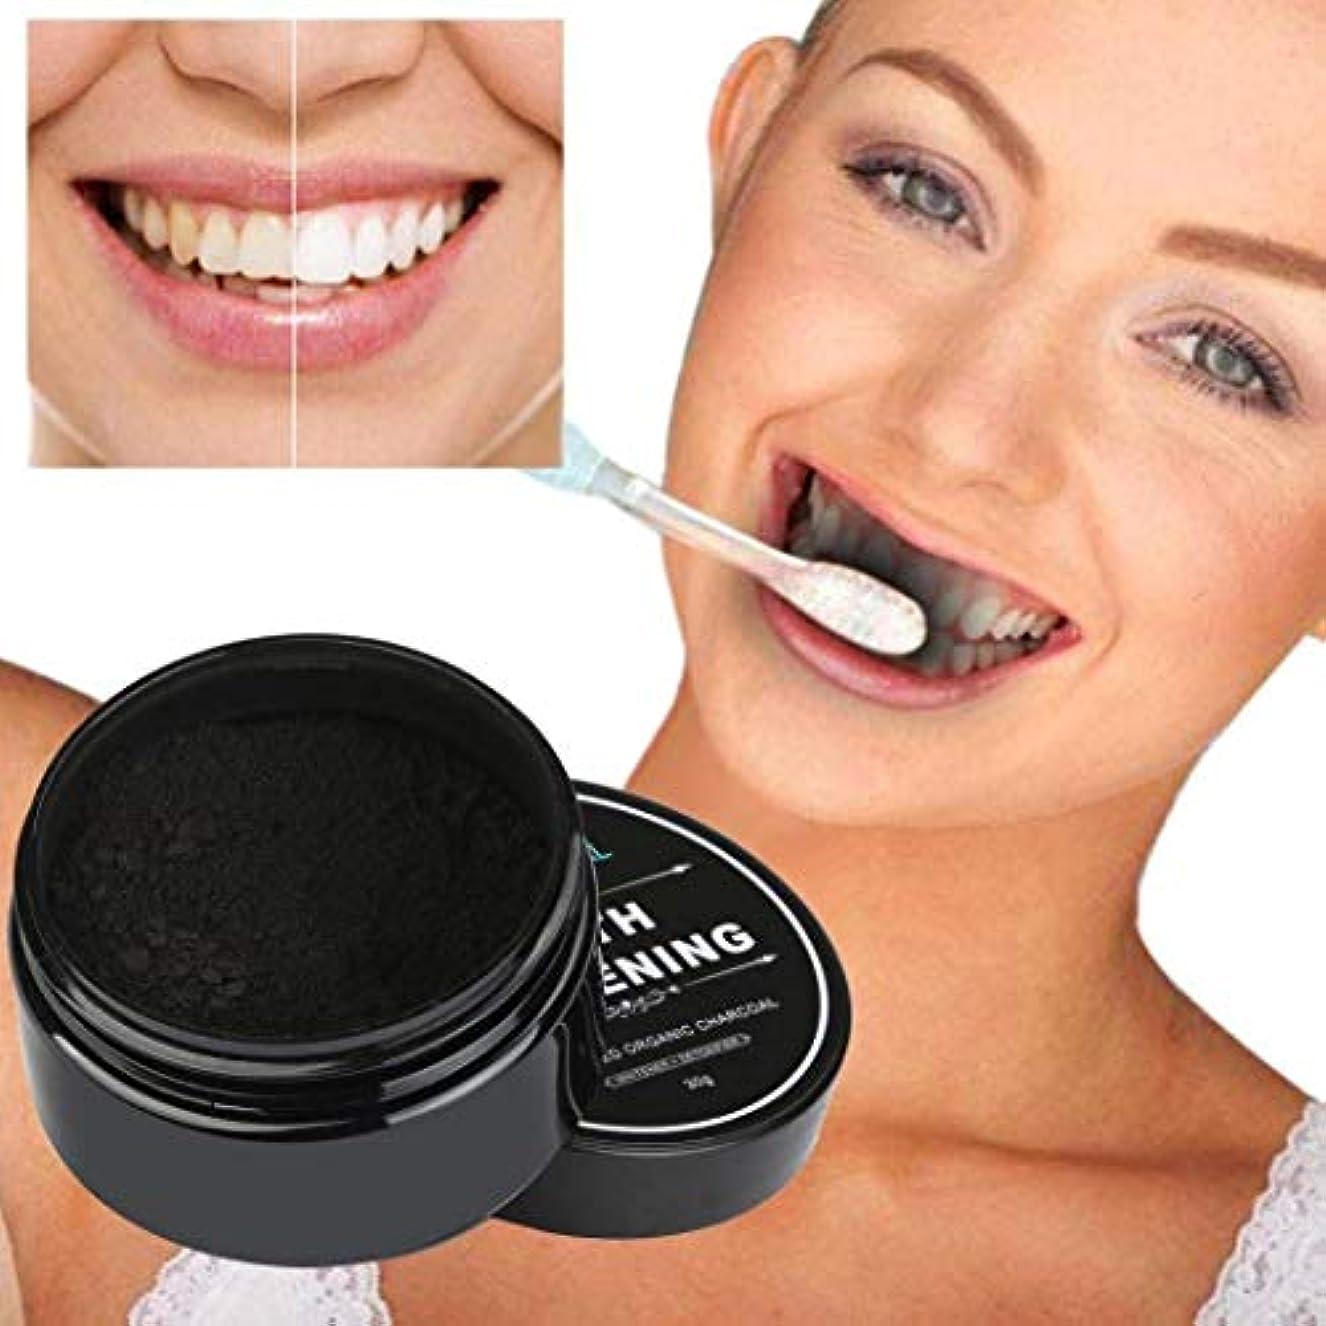 等しい商品微視的Ggorw 歯のホワイトニング 竹炭 美白歯磨きパウダー オーラルケア ハミガキ粉 ホワイトニング活性炭 口臭消去